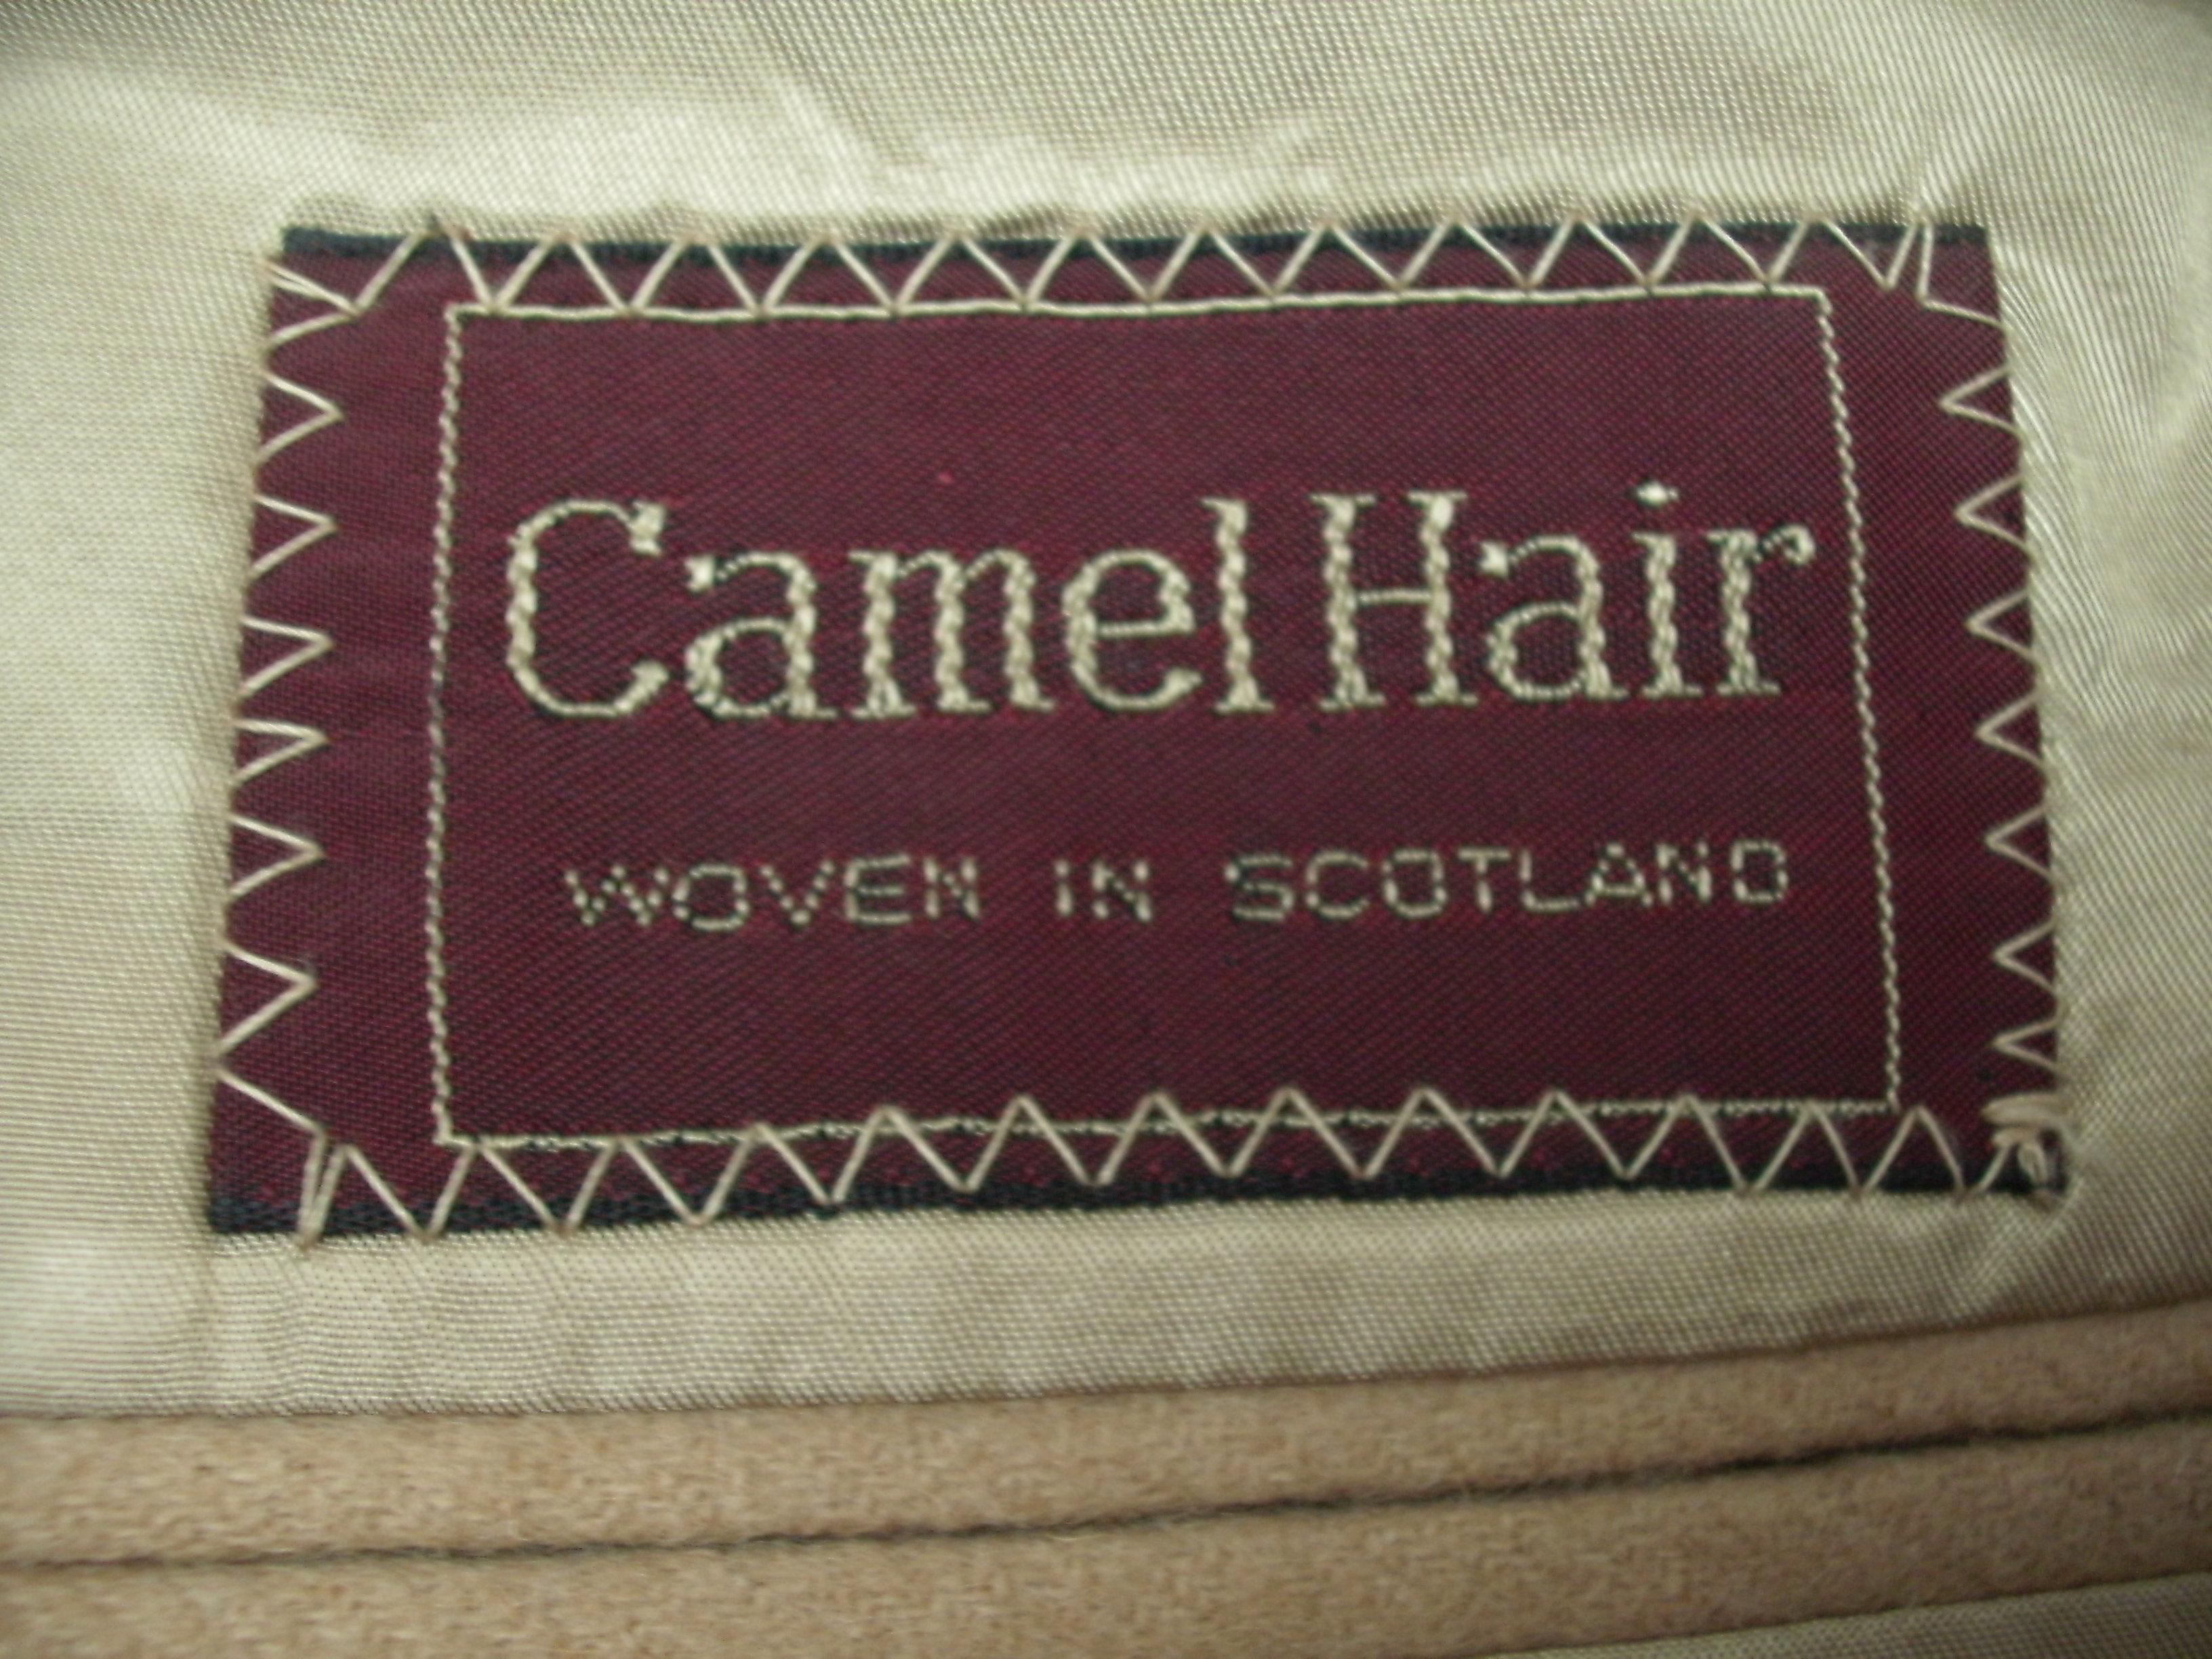 Chaps Camel Hair (9).JPG